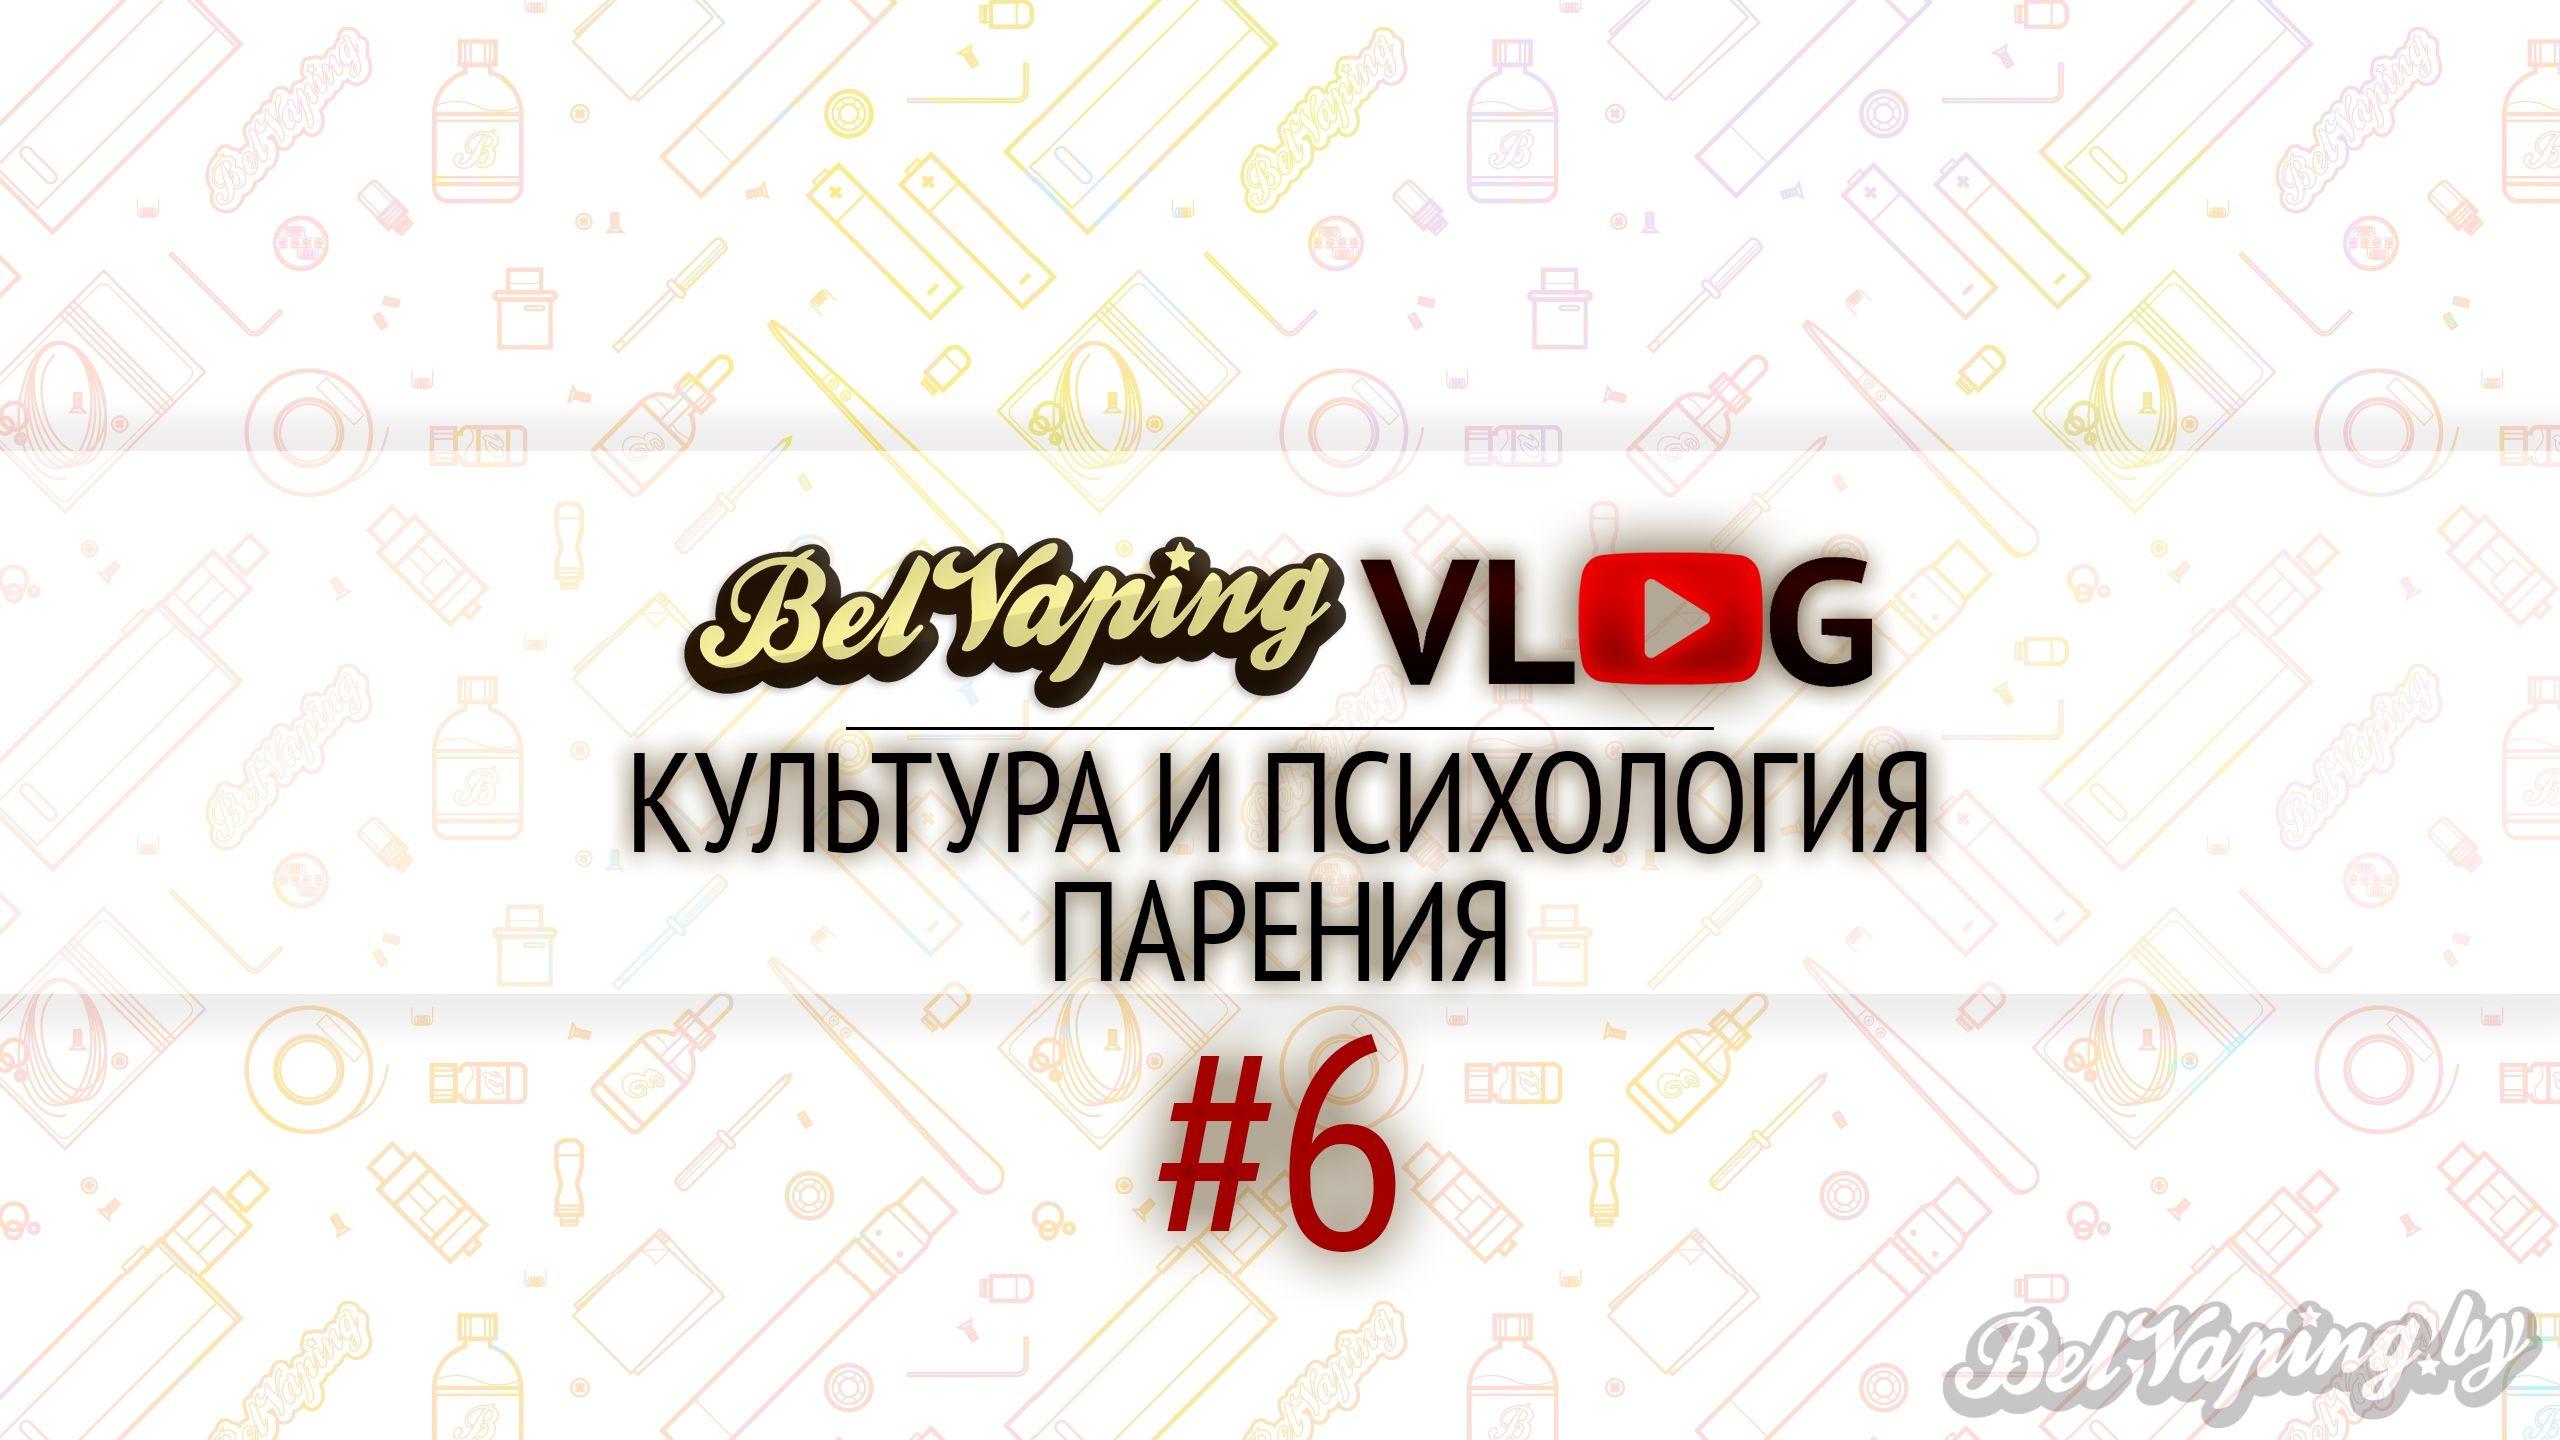 BelVapingVlog #6: Культура и психология парения